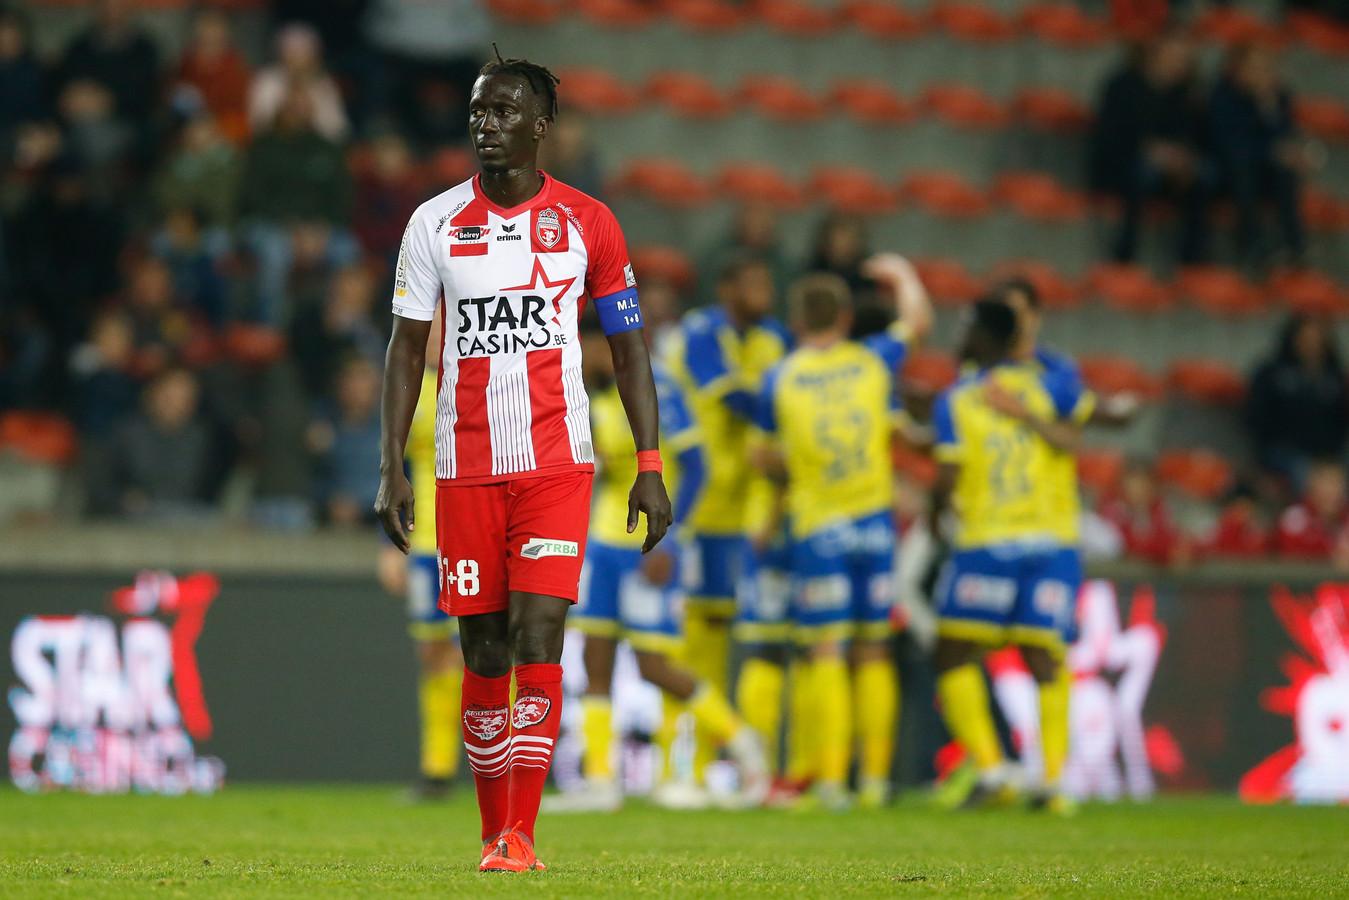 Un mois et demi après avoir mis fin à sa carrière à Mouscron, Mbaye Leye retrouve un rôle en vue en Pro League.